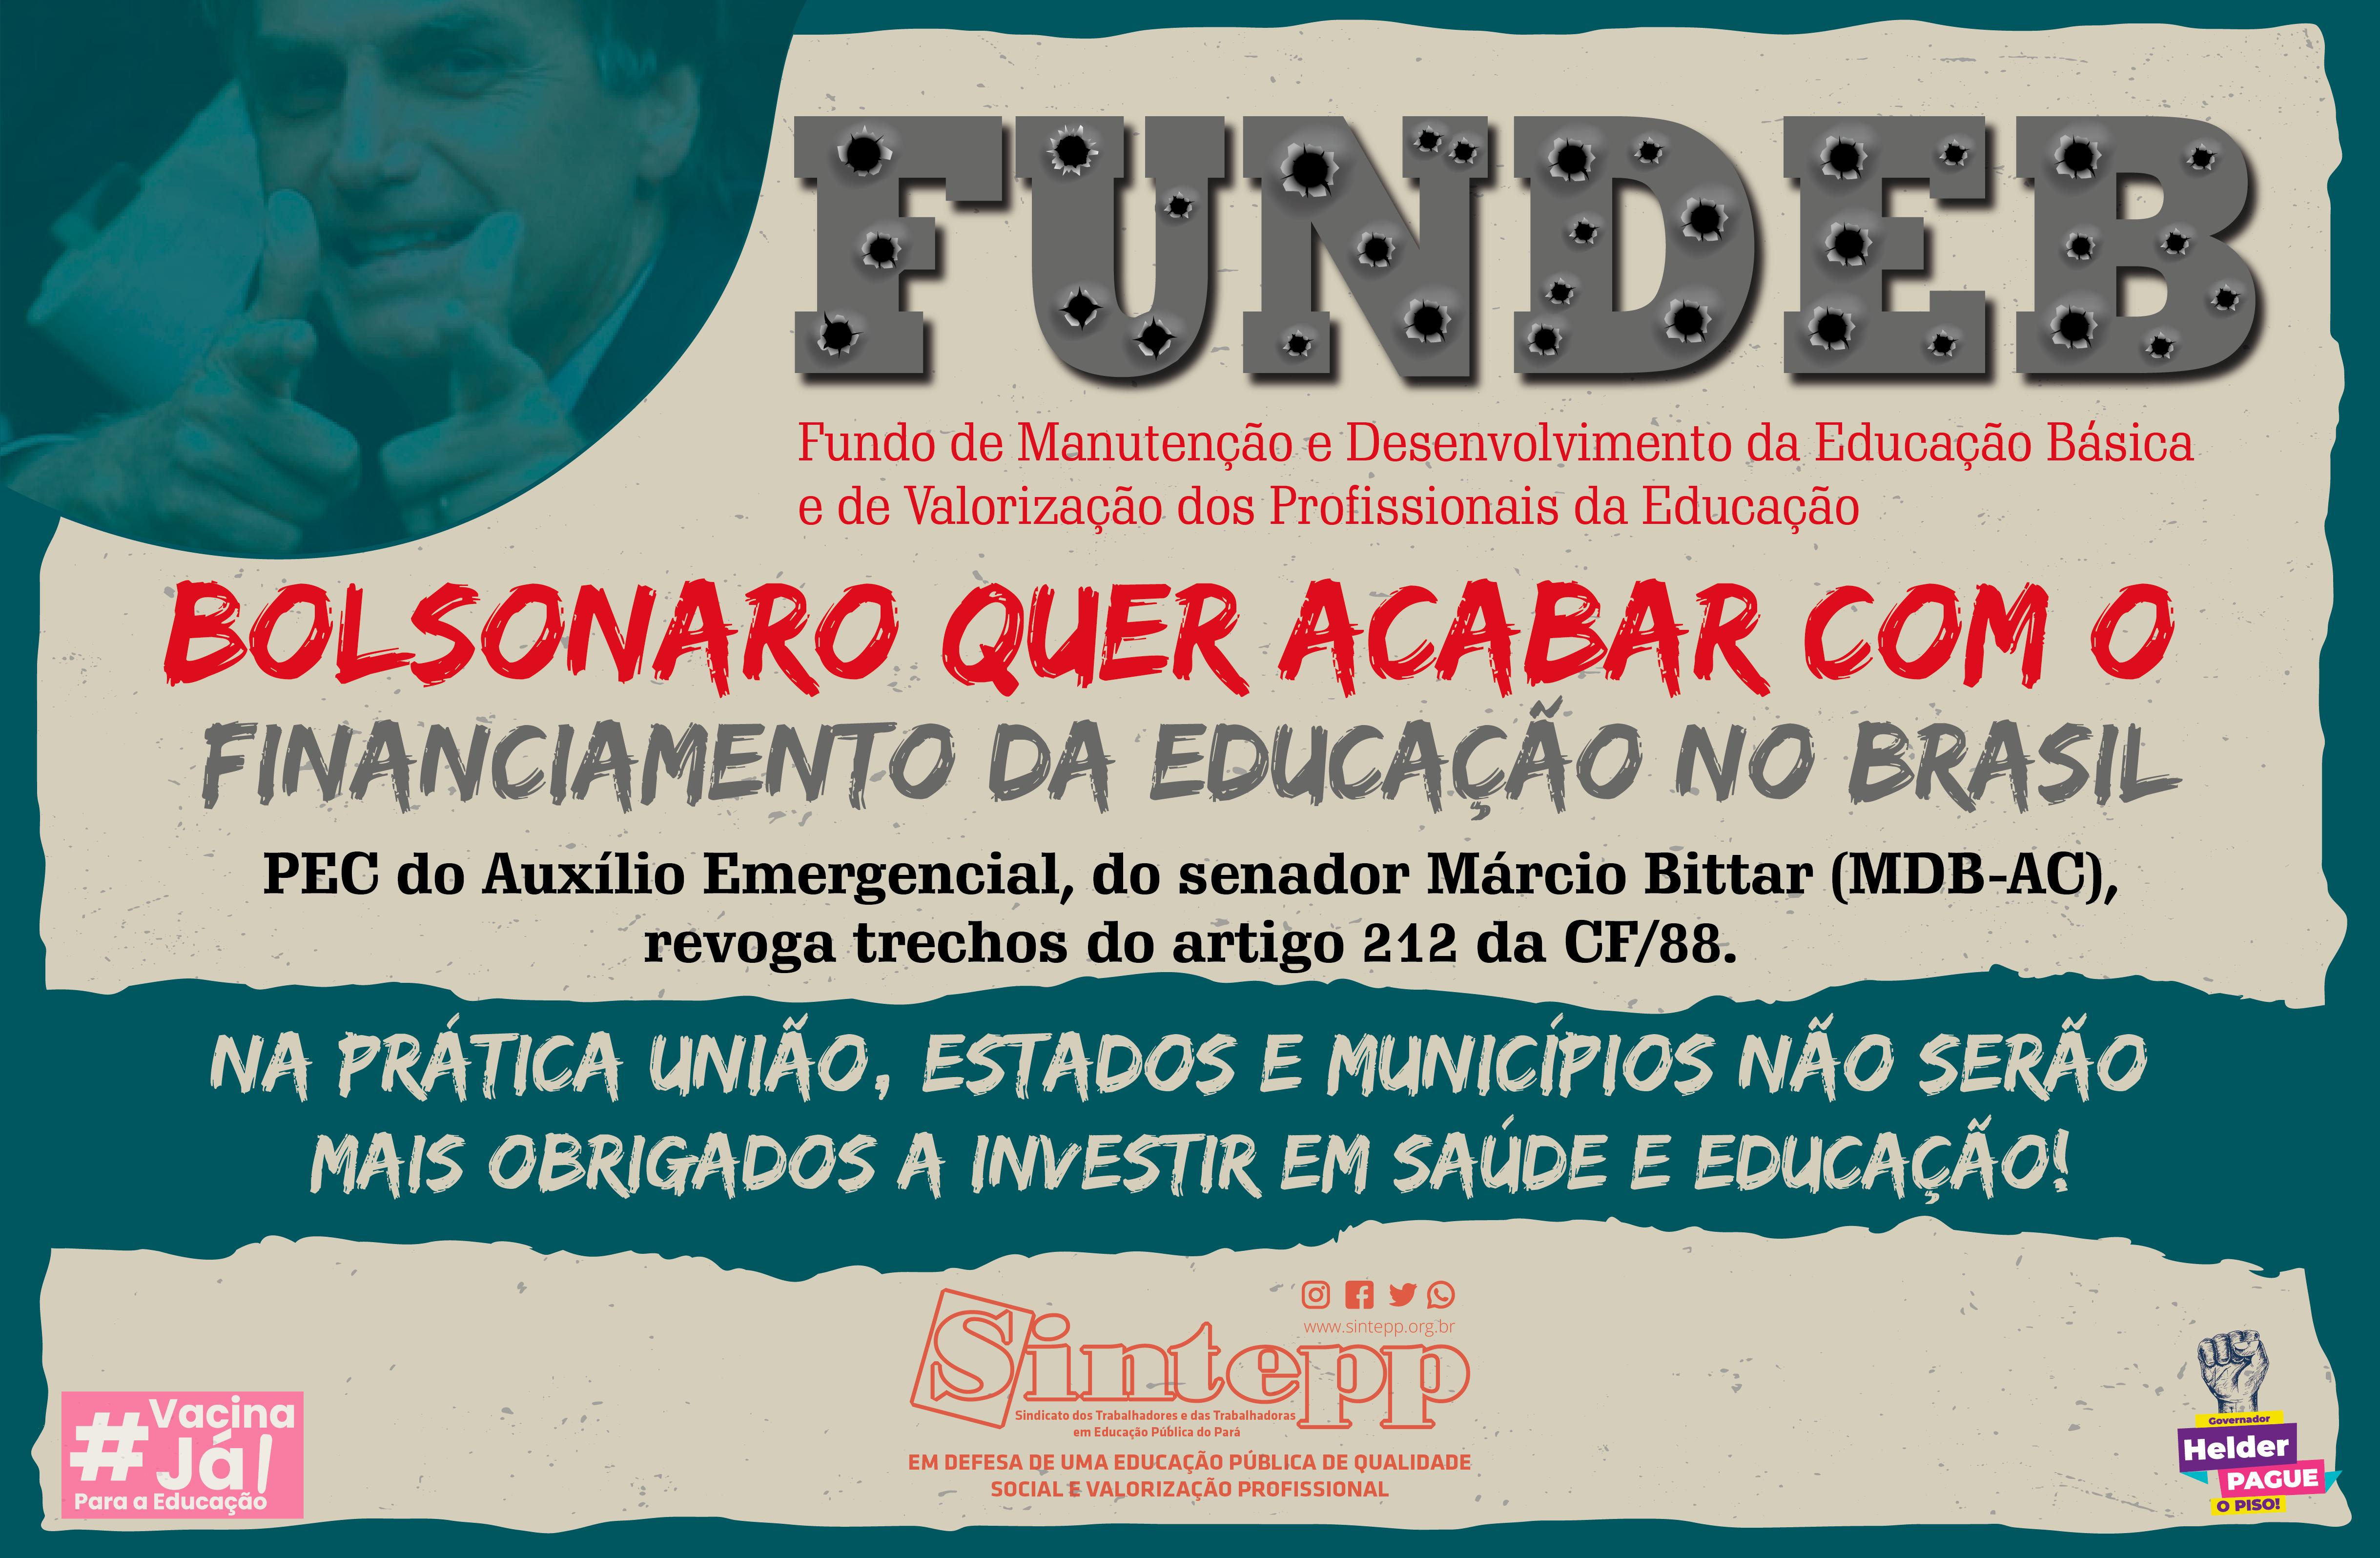 Bolsonaro quer acabar com o financiamento da educação no Brasil